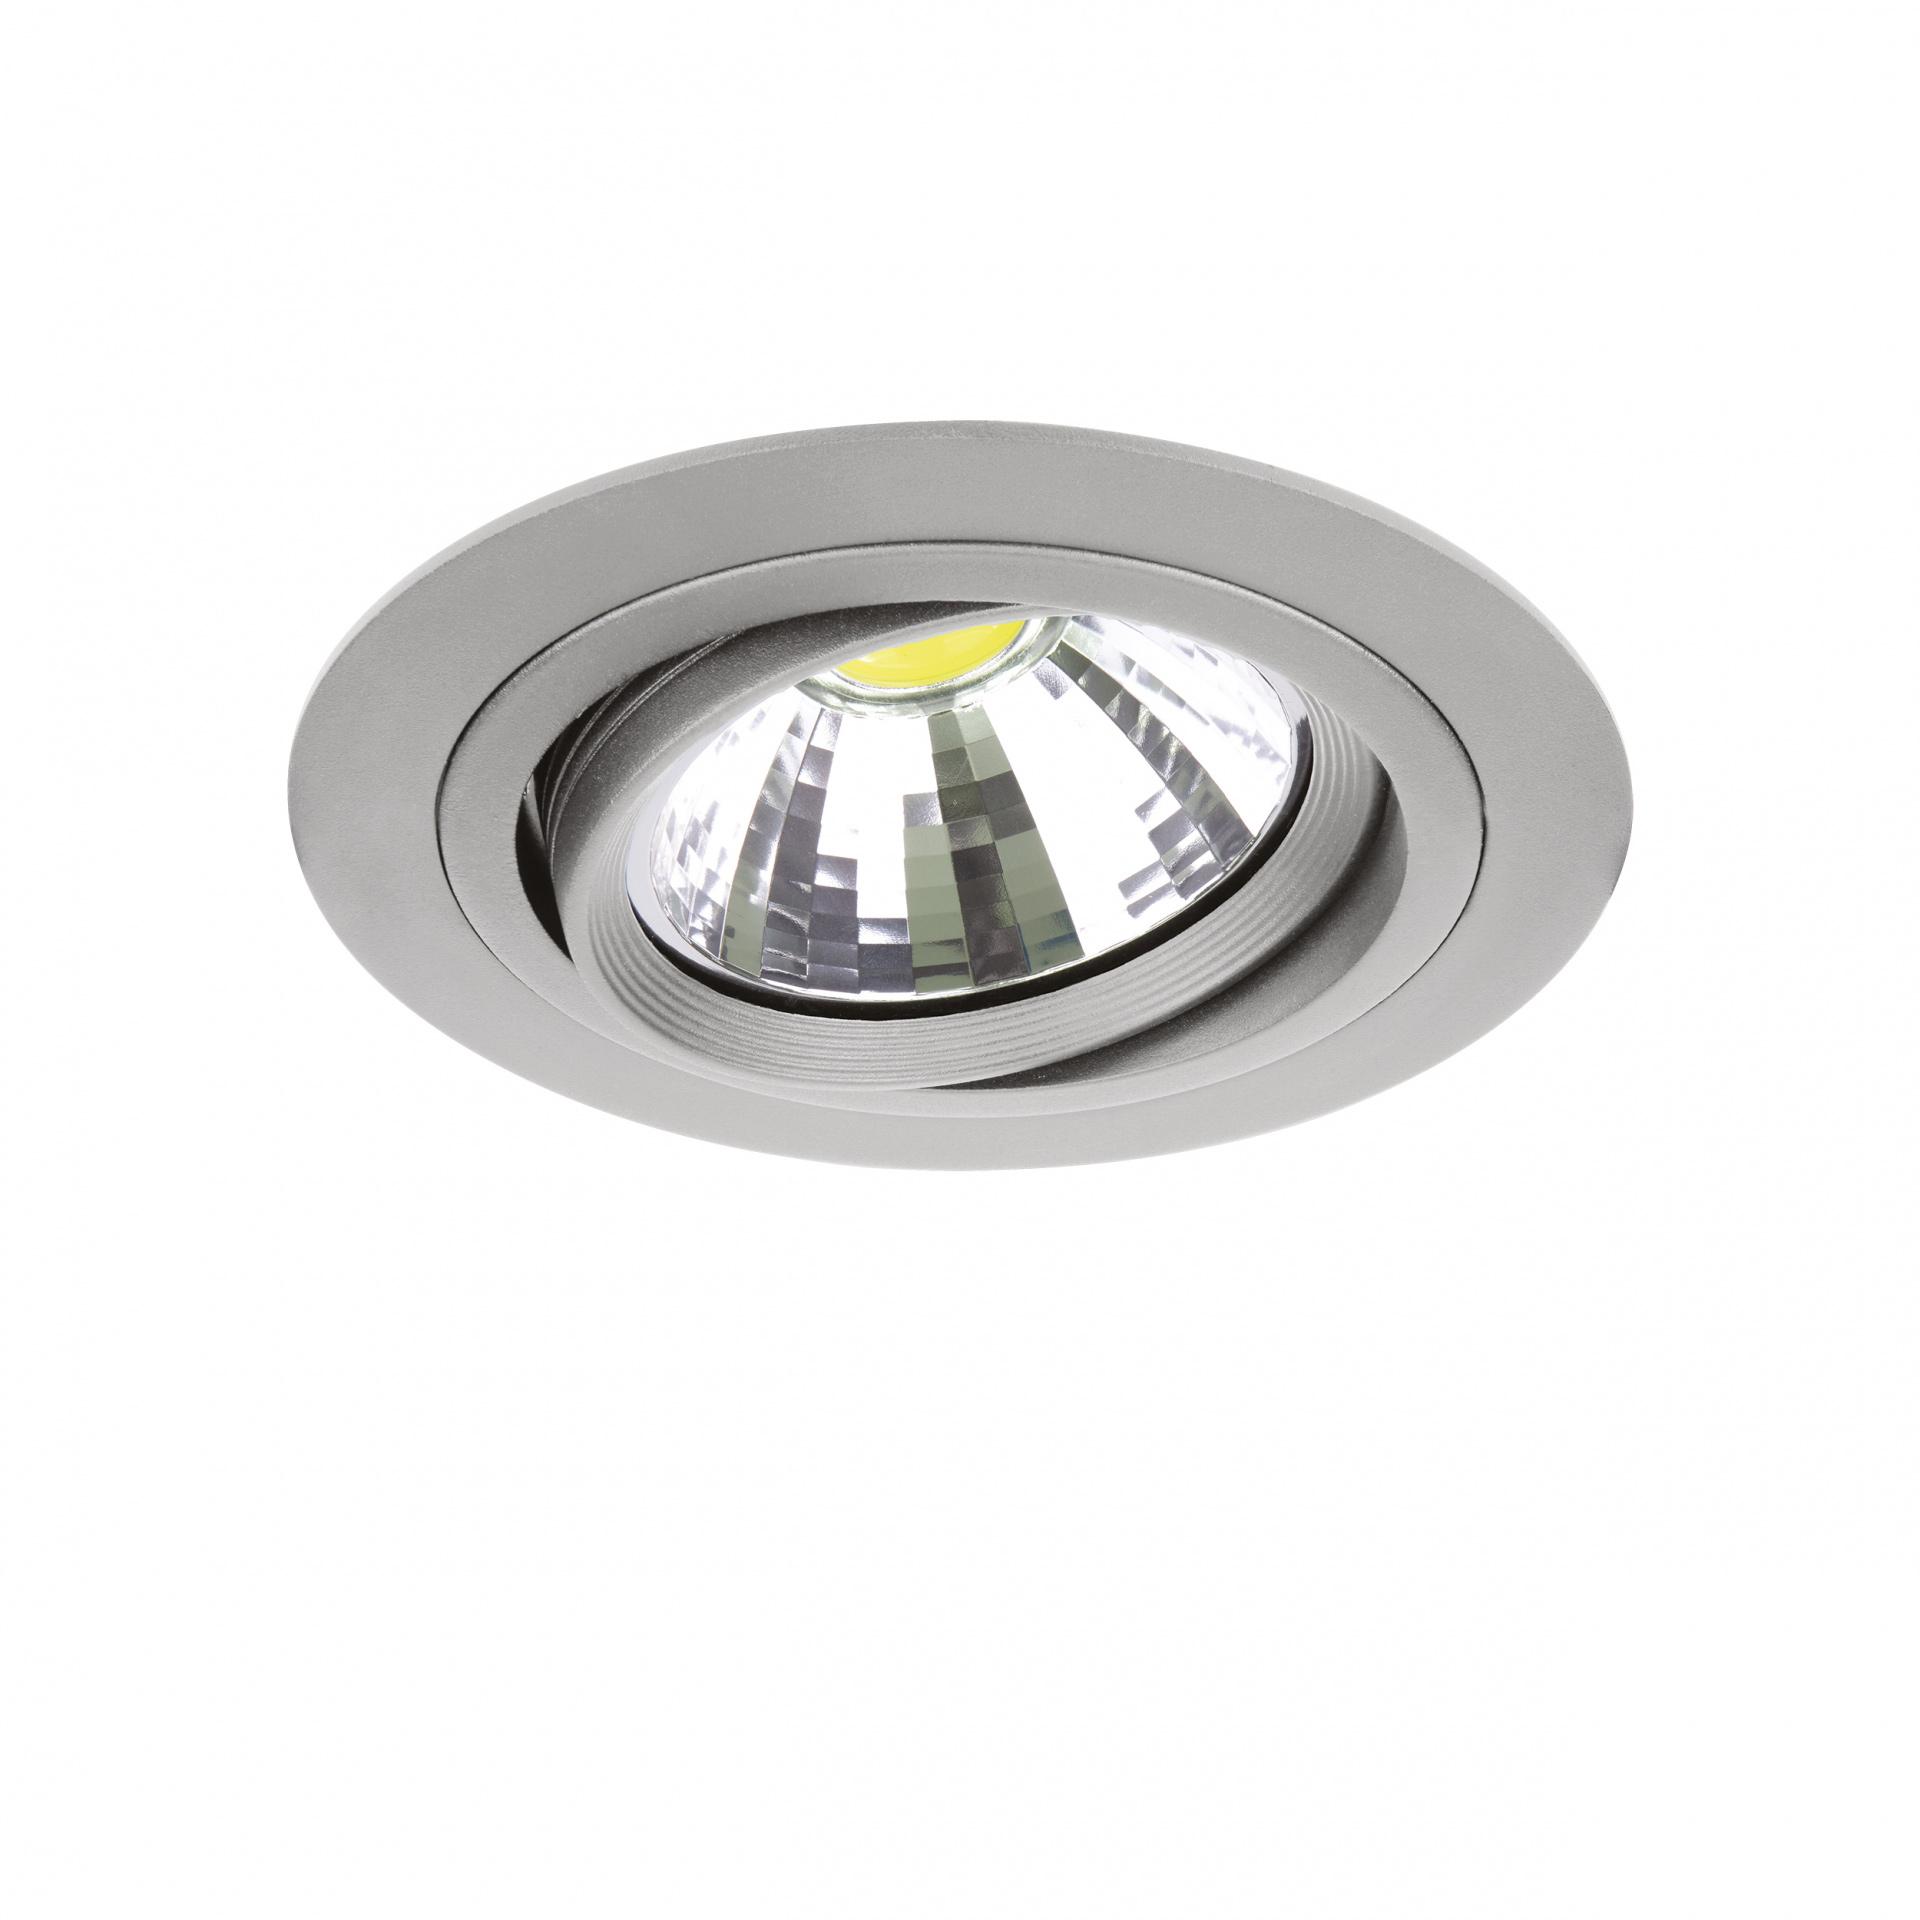 Светильник Intero 111 AR111 серый Lightstar 214319, купить в СПб, Москве, с доставкой, Санкт-Петербург, интернет-магазин люстр и светильников Starlight, фото в жизни